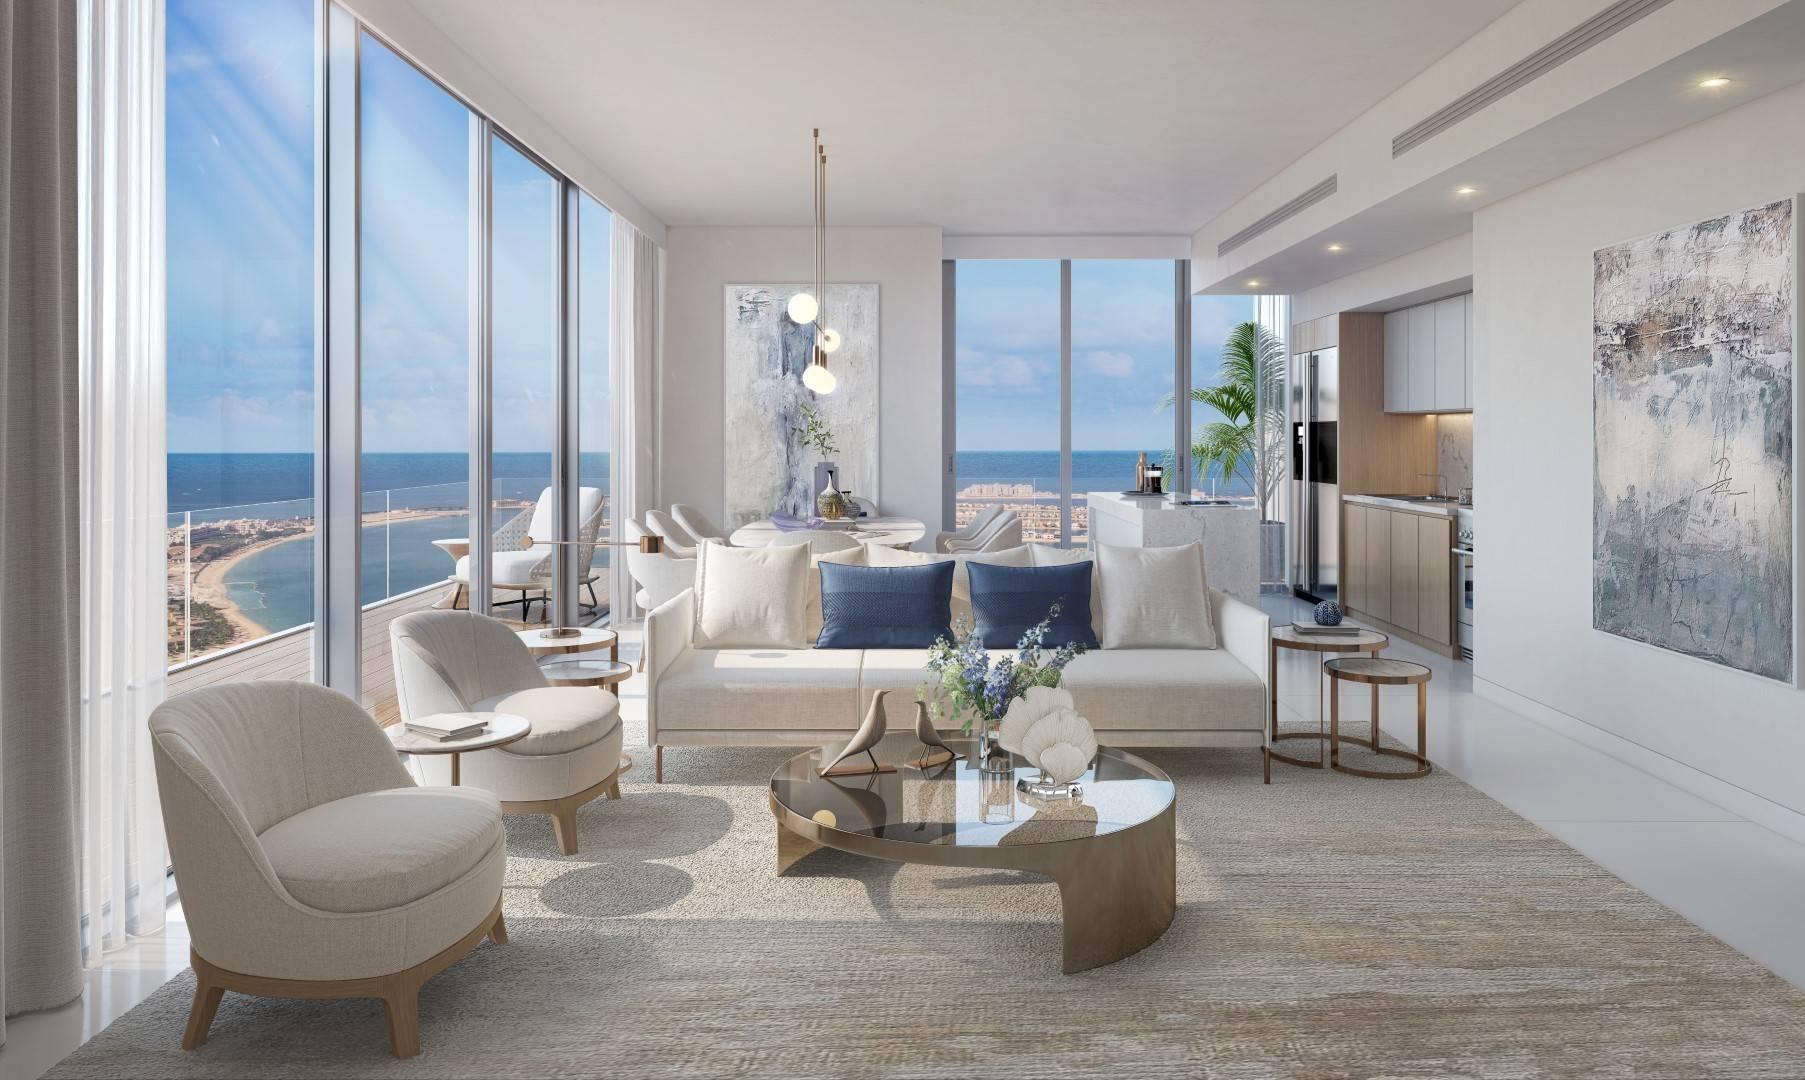 Miami Beach Inspired Architecture